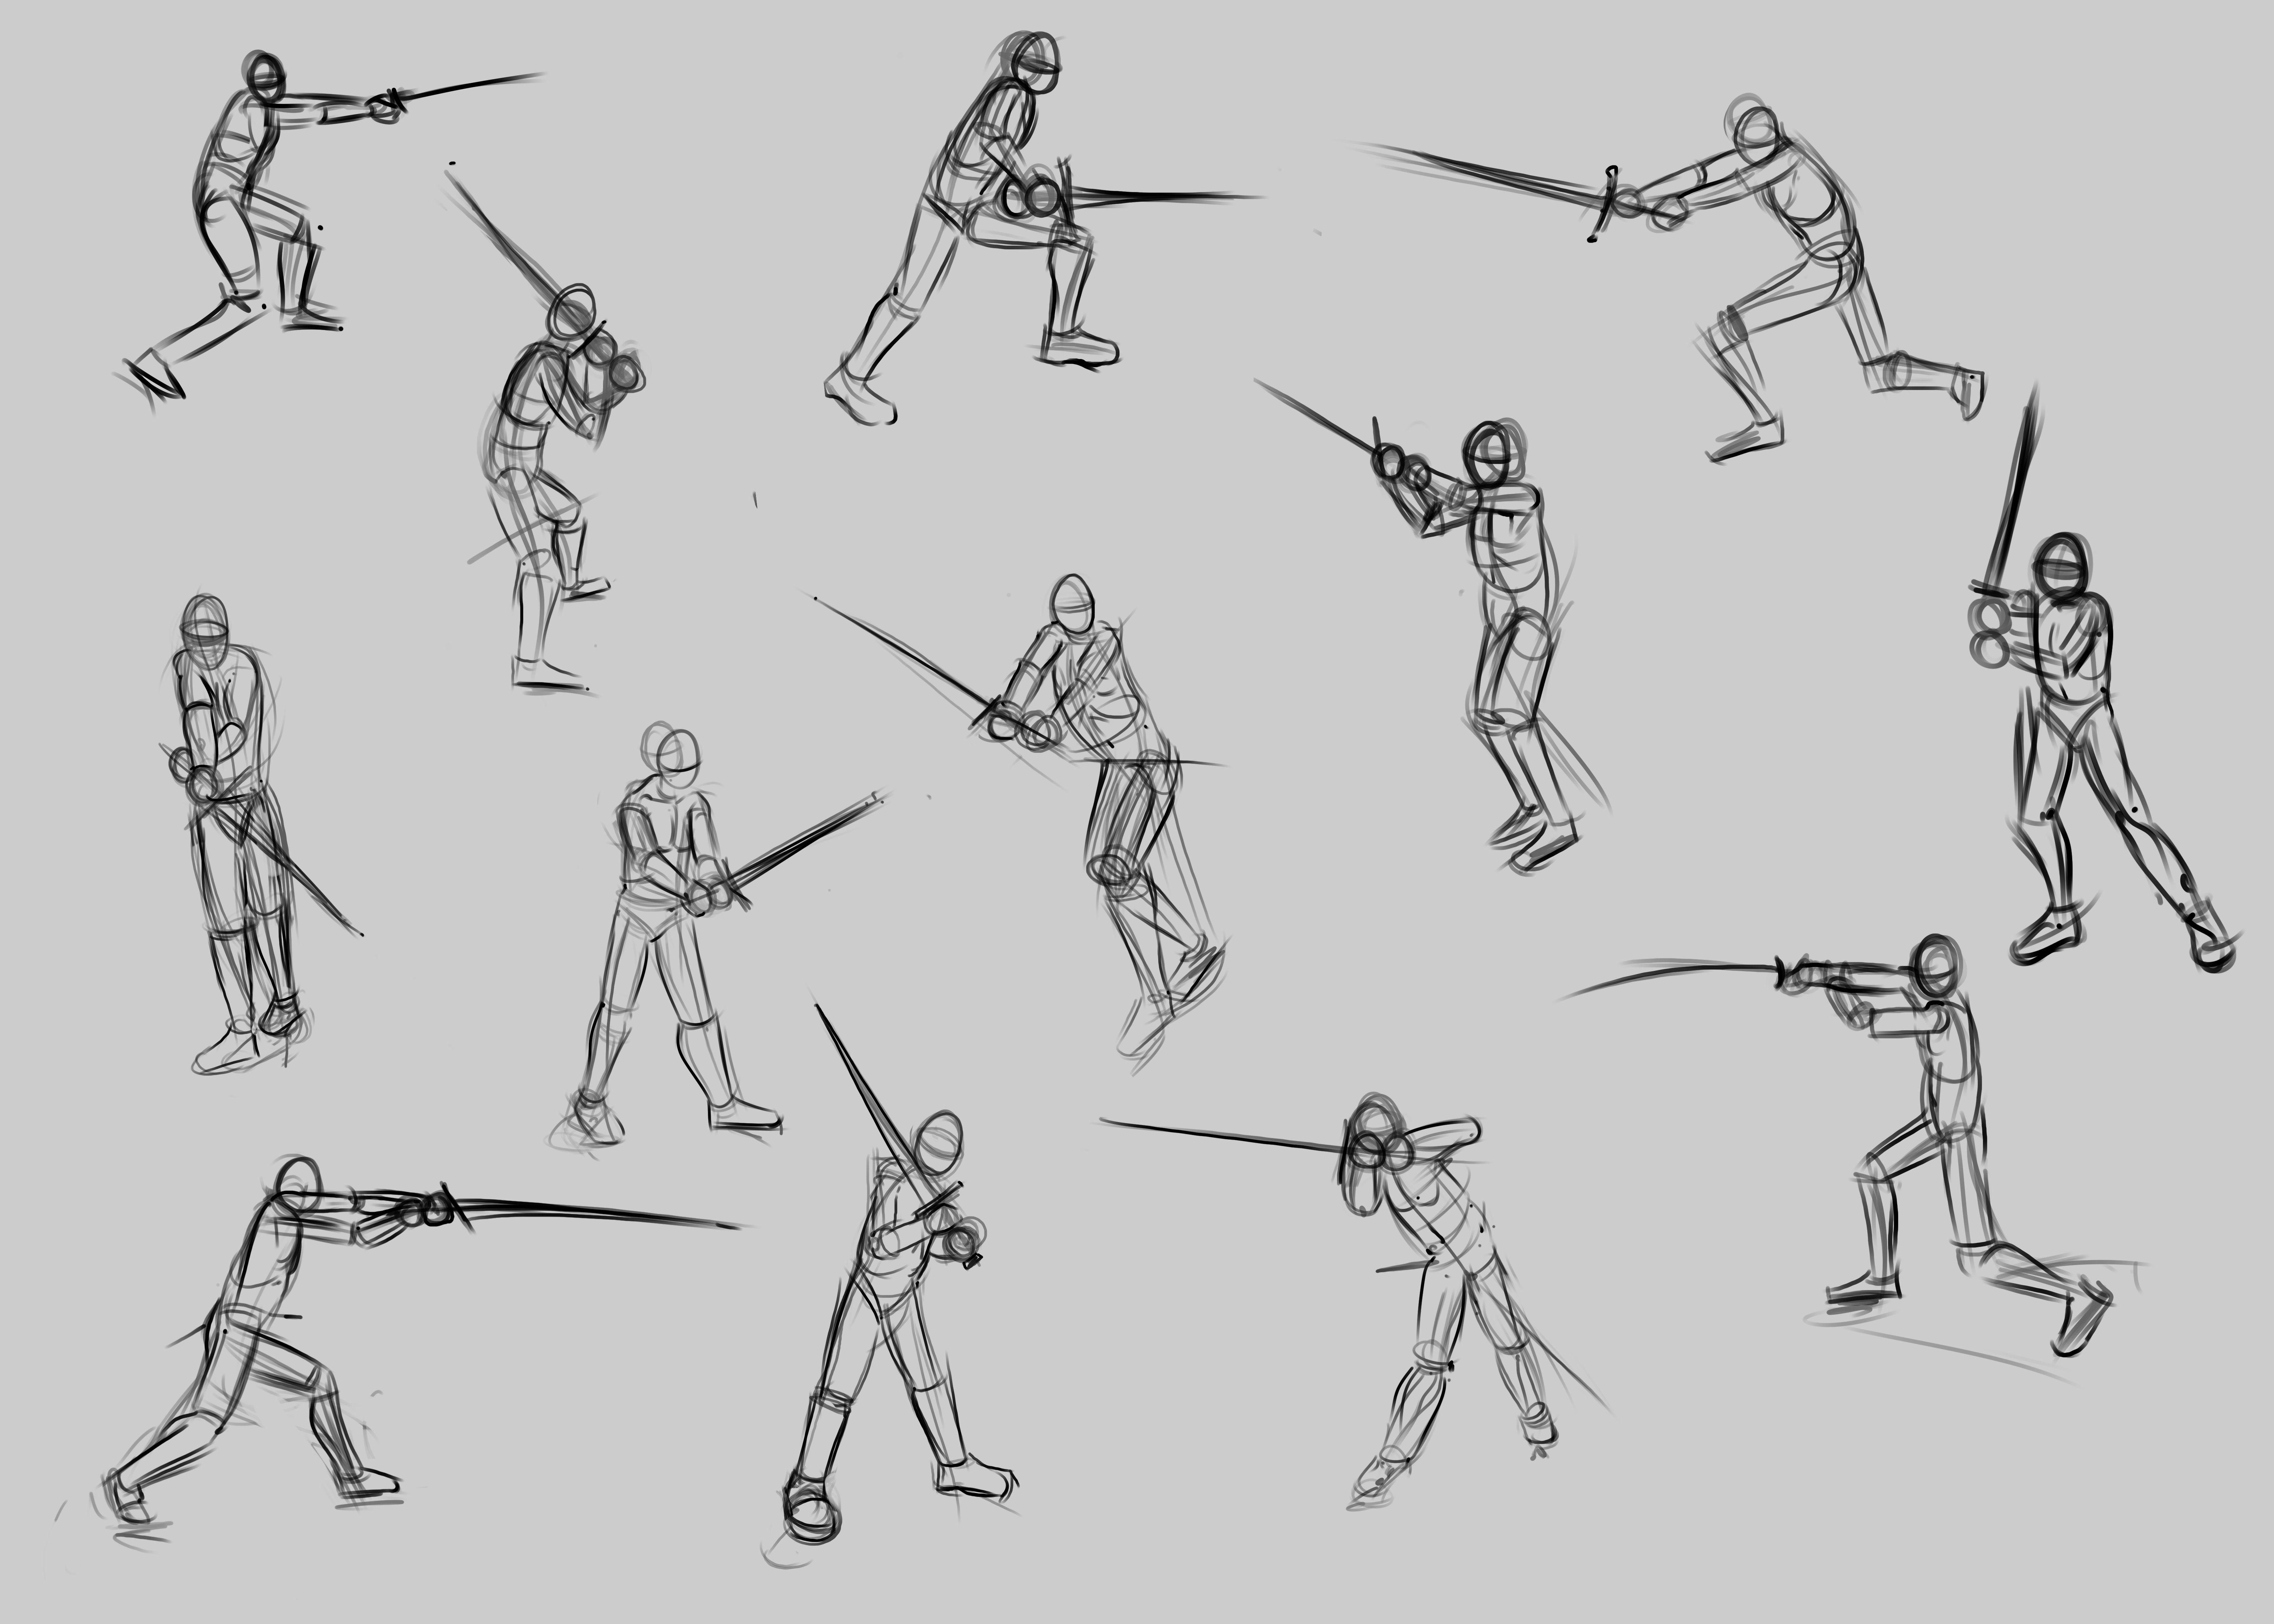 багажник позы сражения на мечах картинки картинки